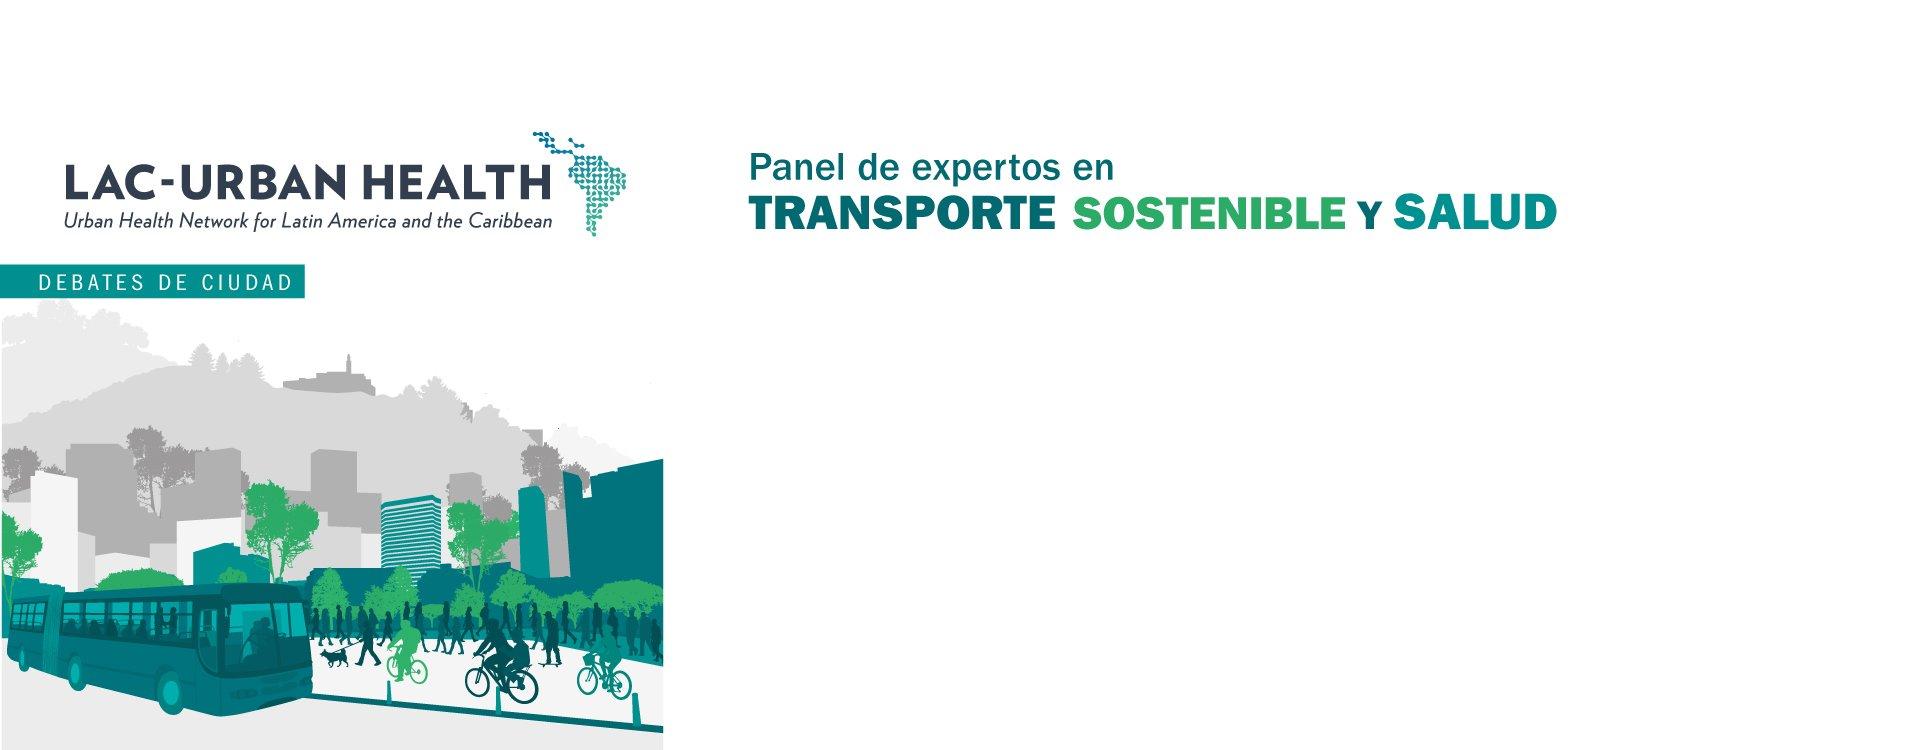 Gráfico invitación Panel transporte sostenible y salud.